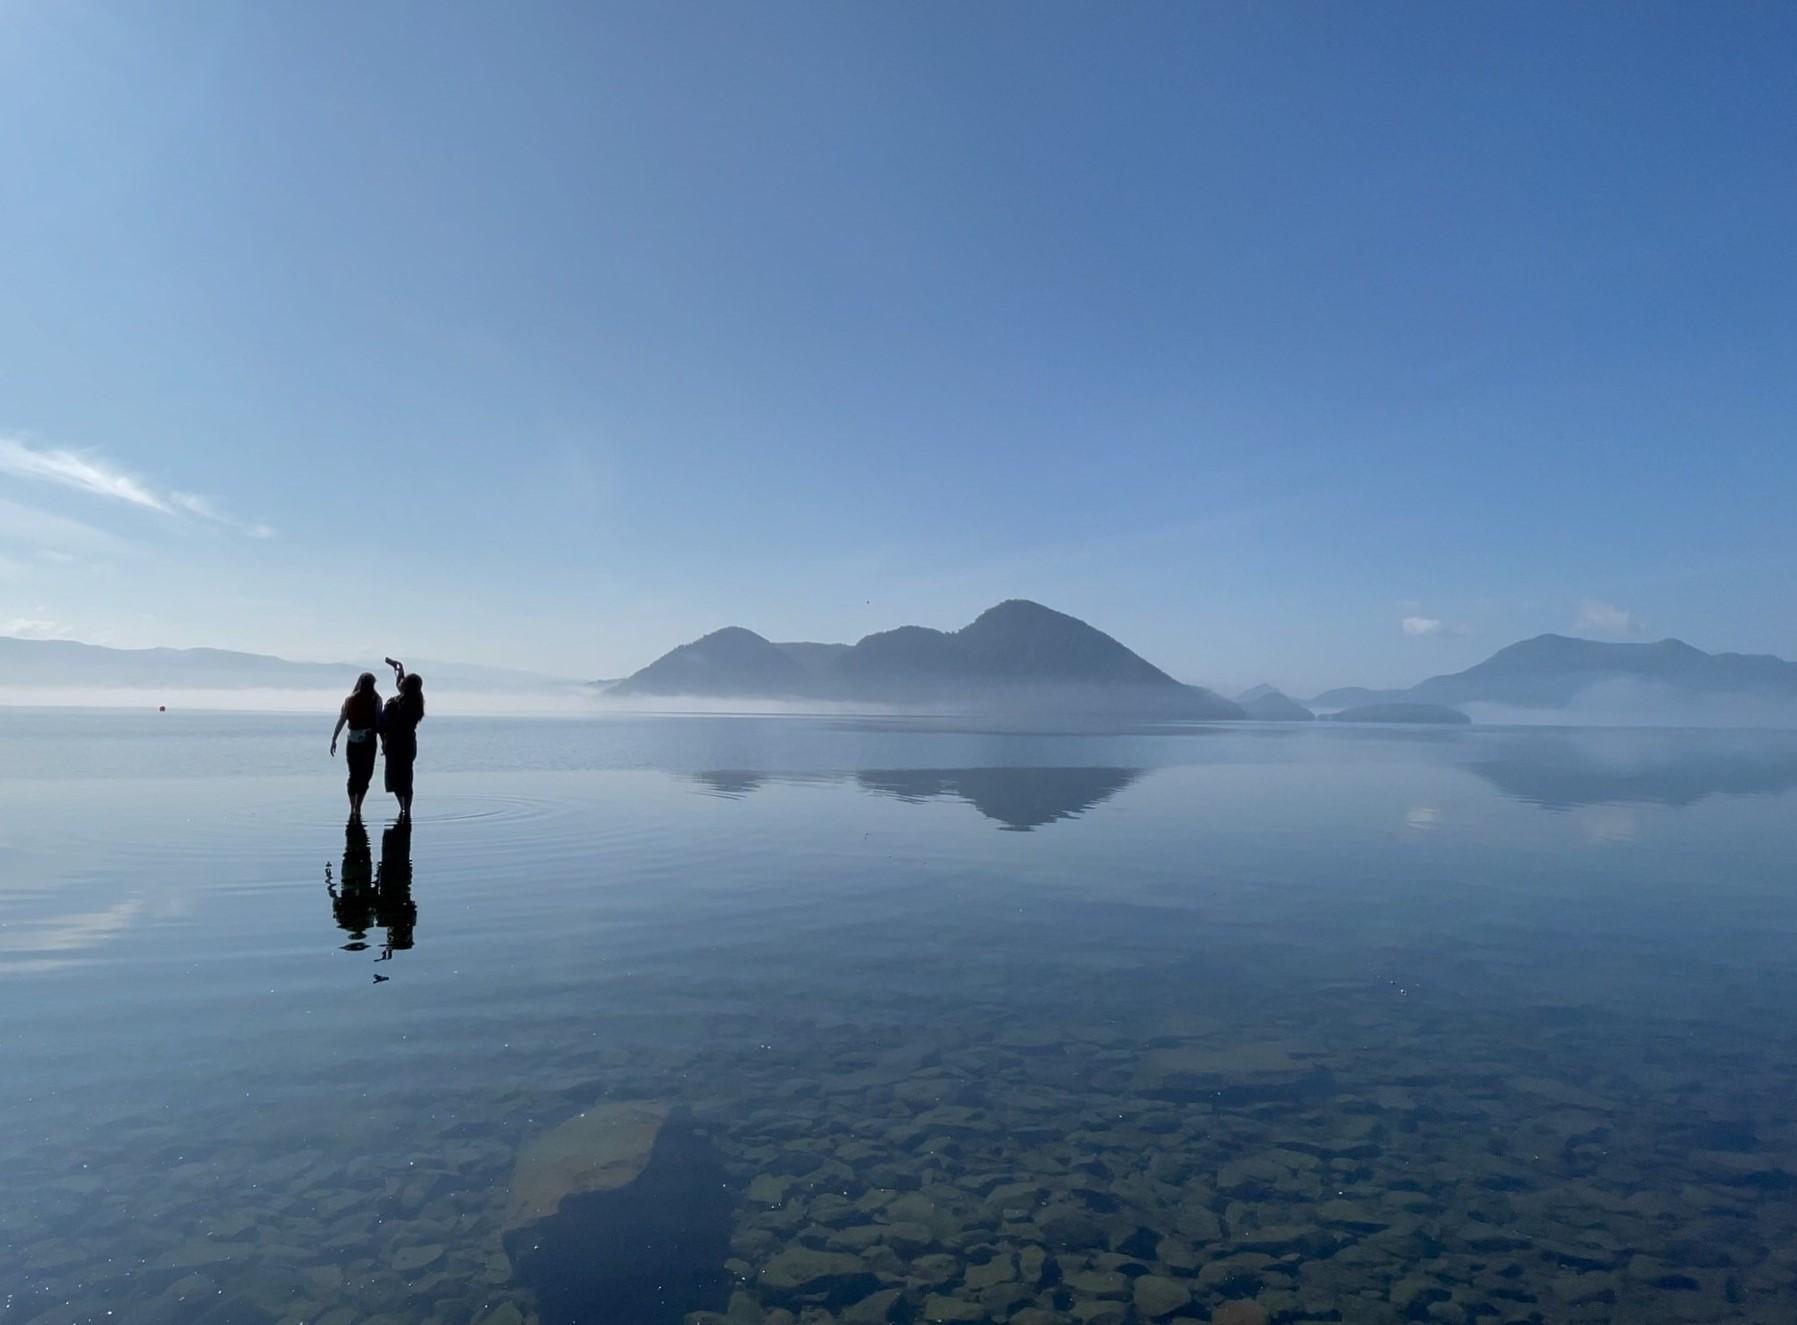 日本のウユニ塩湖 洞爺湖 モーニングカヌー